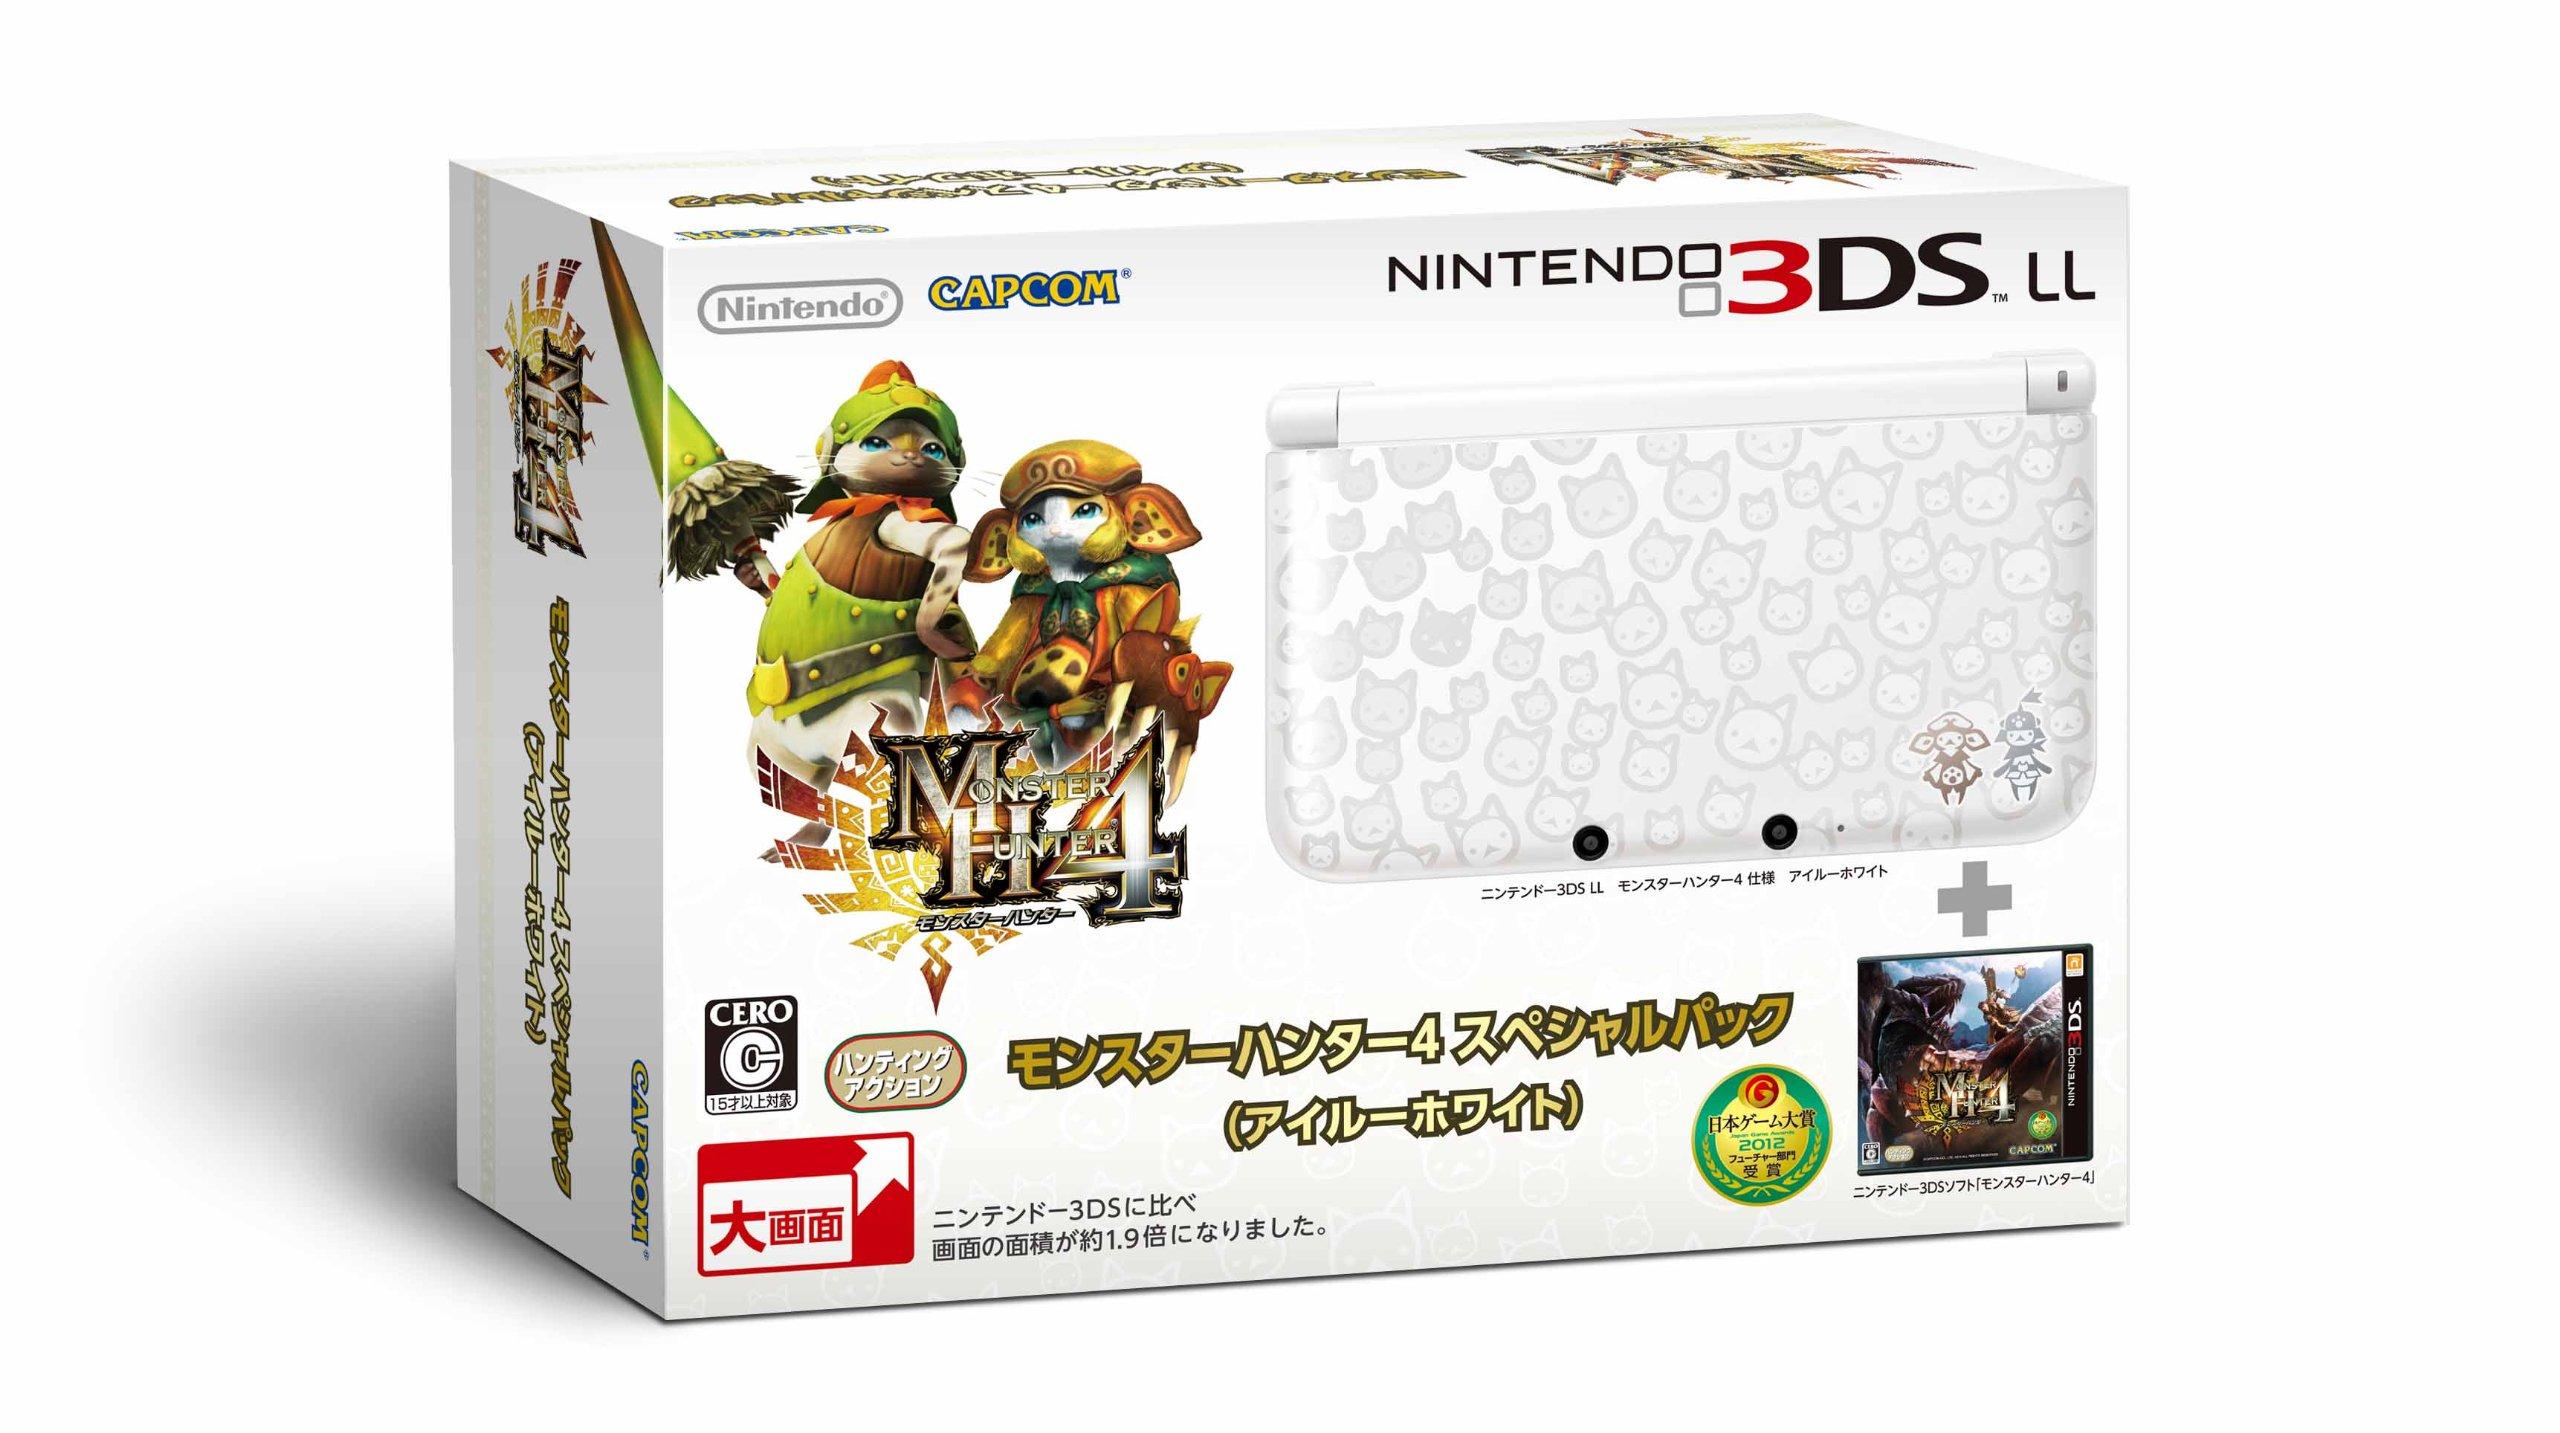 Nintendo 3ds Monster Hunter 4 Special Pack Airou White Japan Model